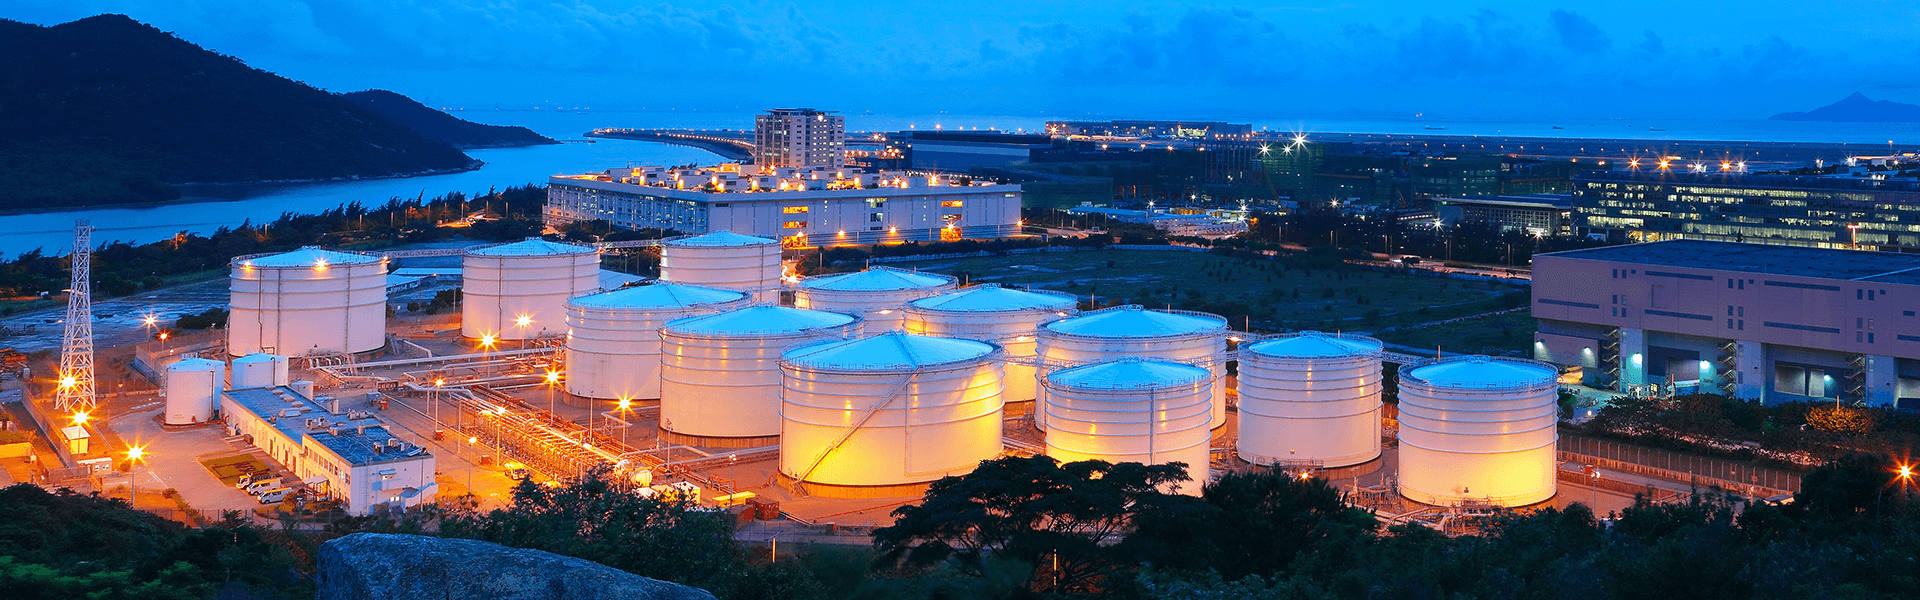 Gas tanks at night